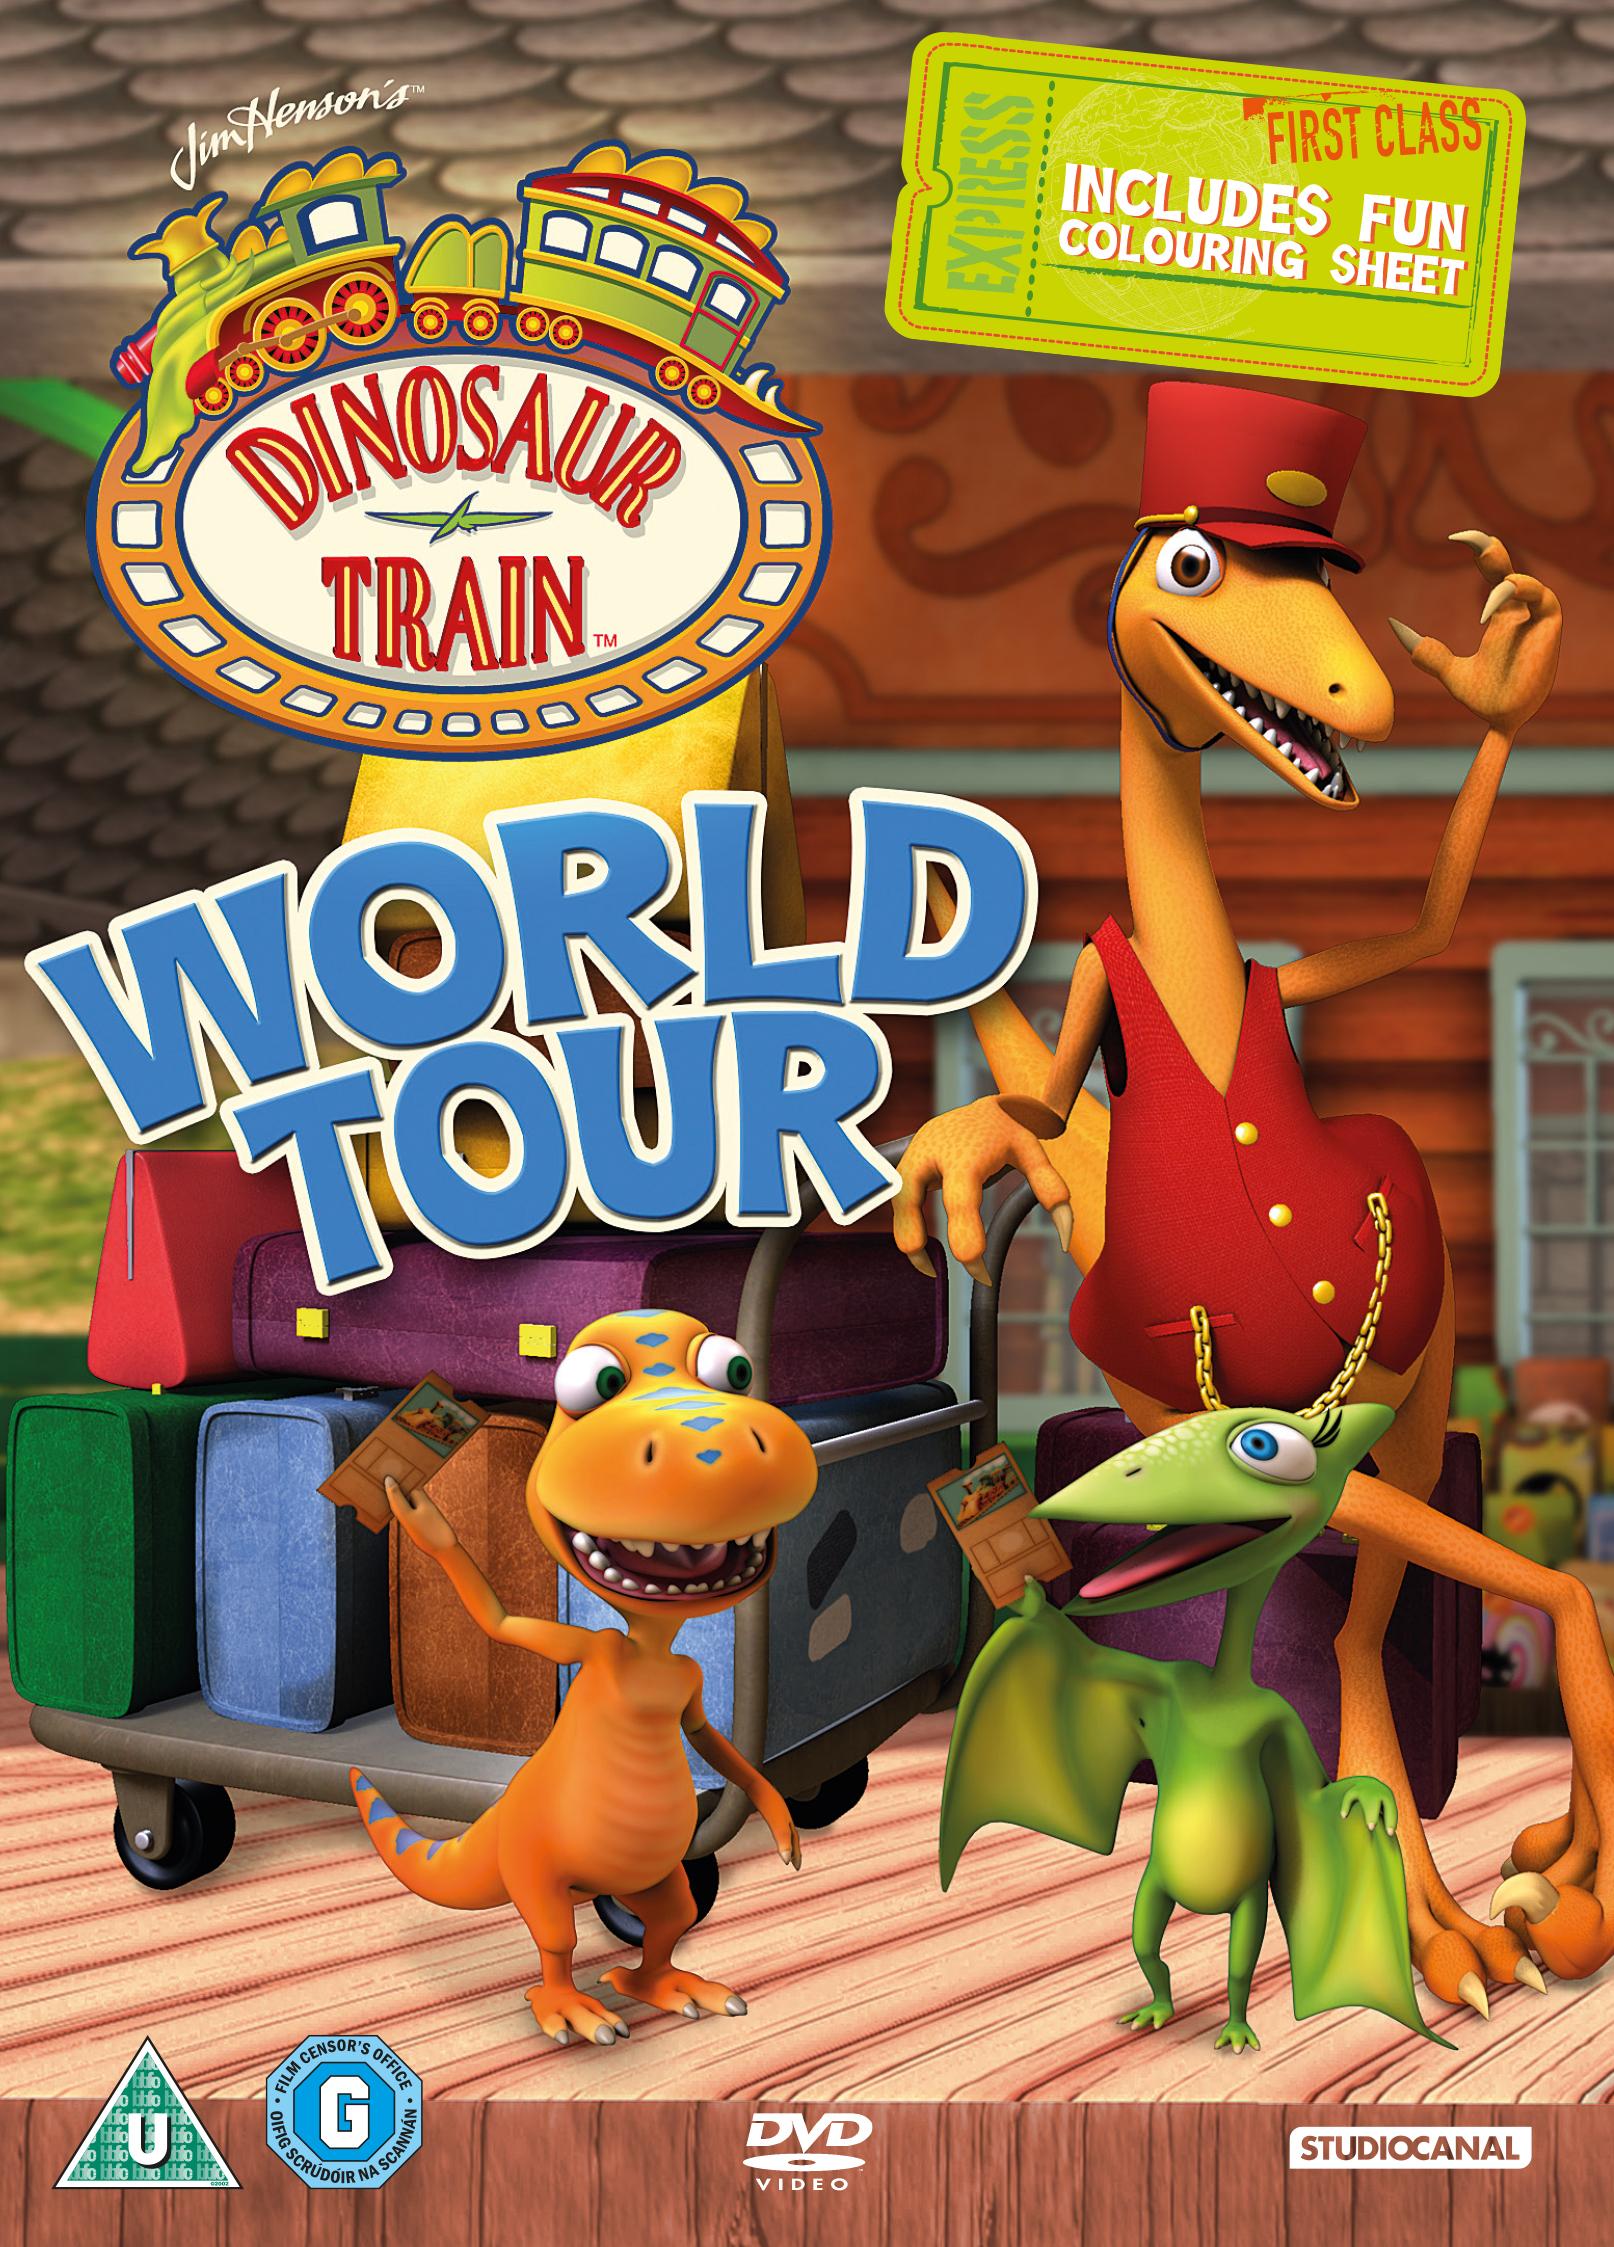 美国儿童节目「恐龙火车」儿童音乐冒险节目系列dvd